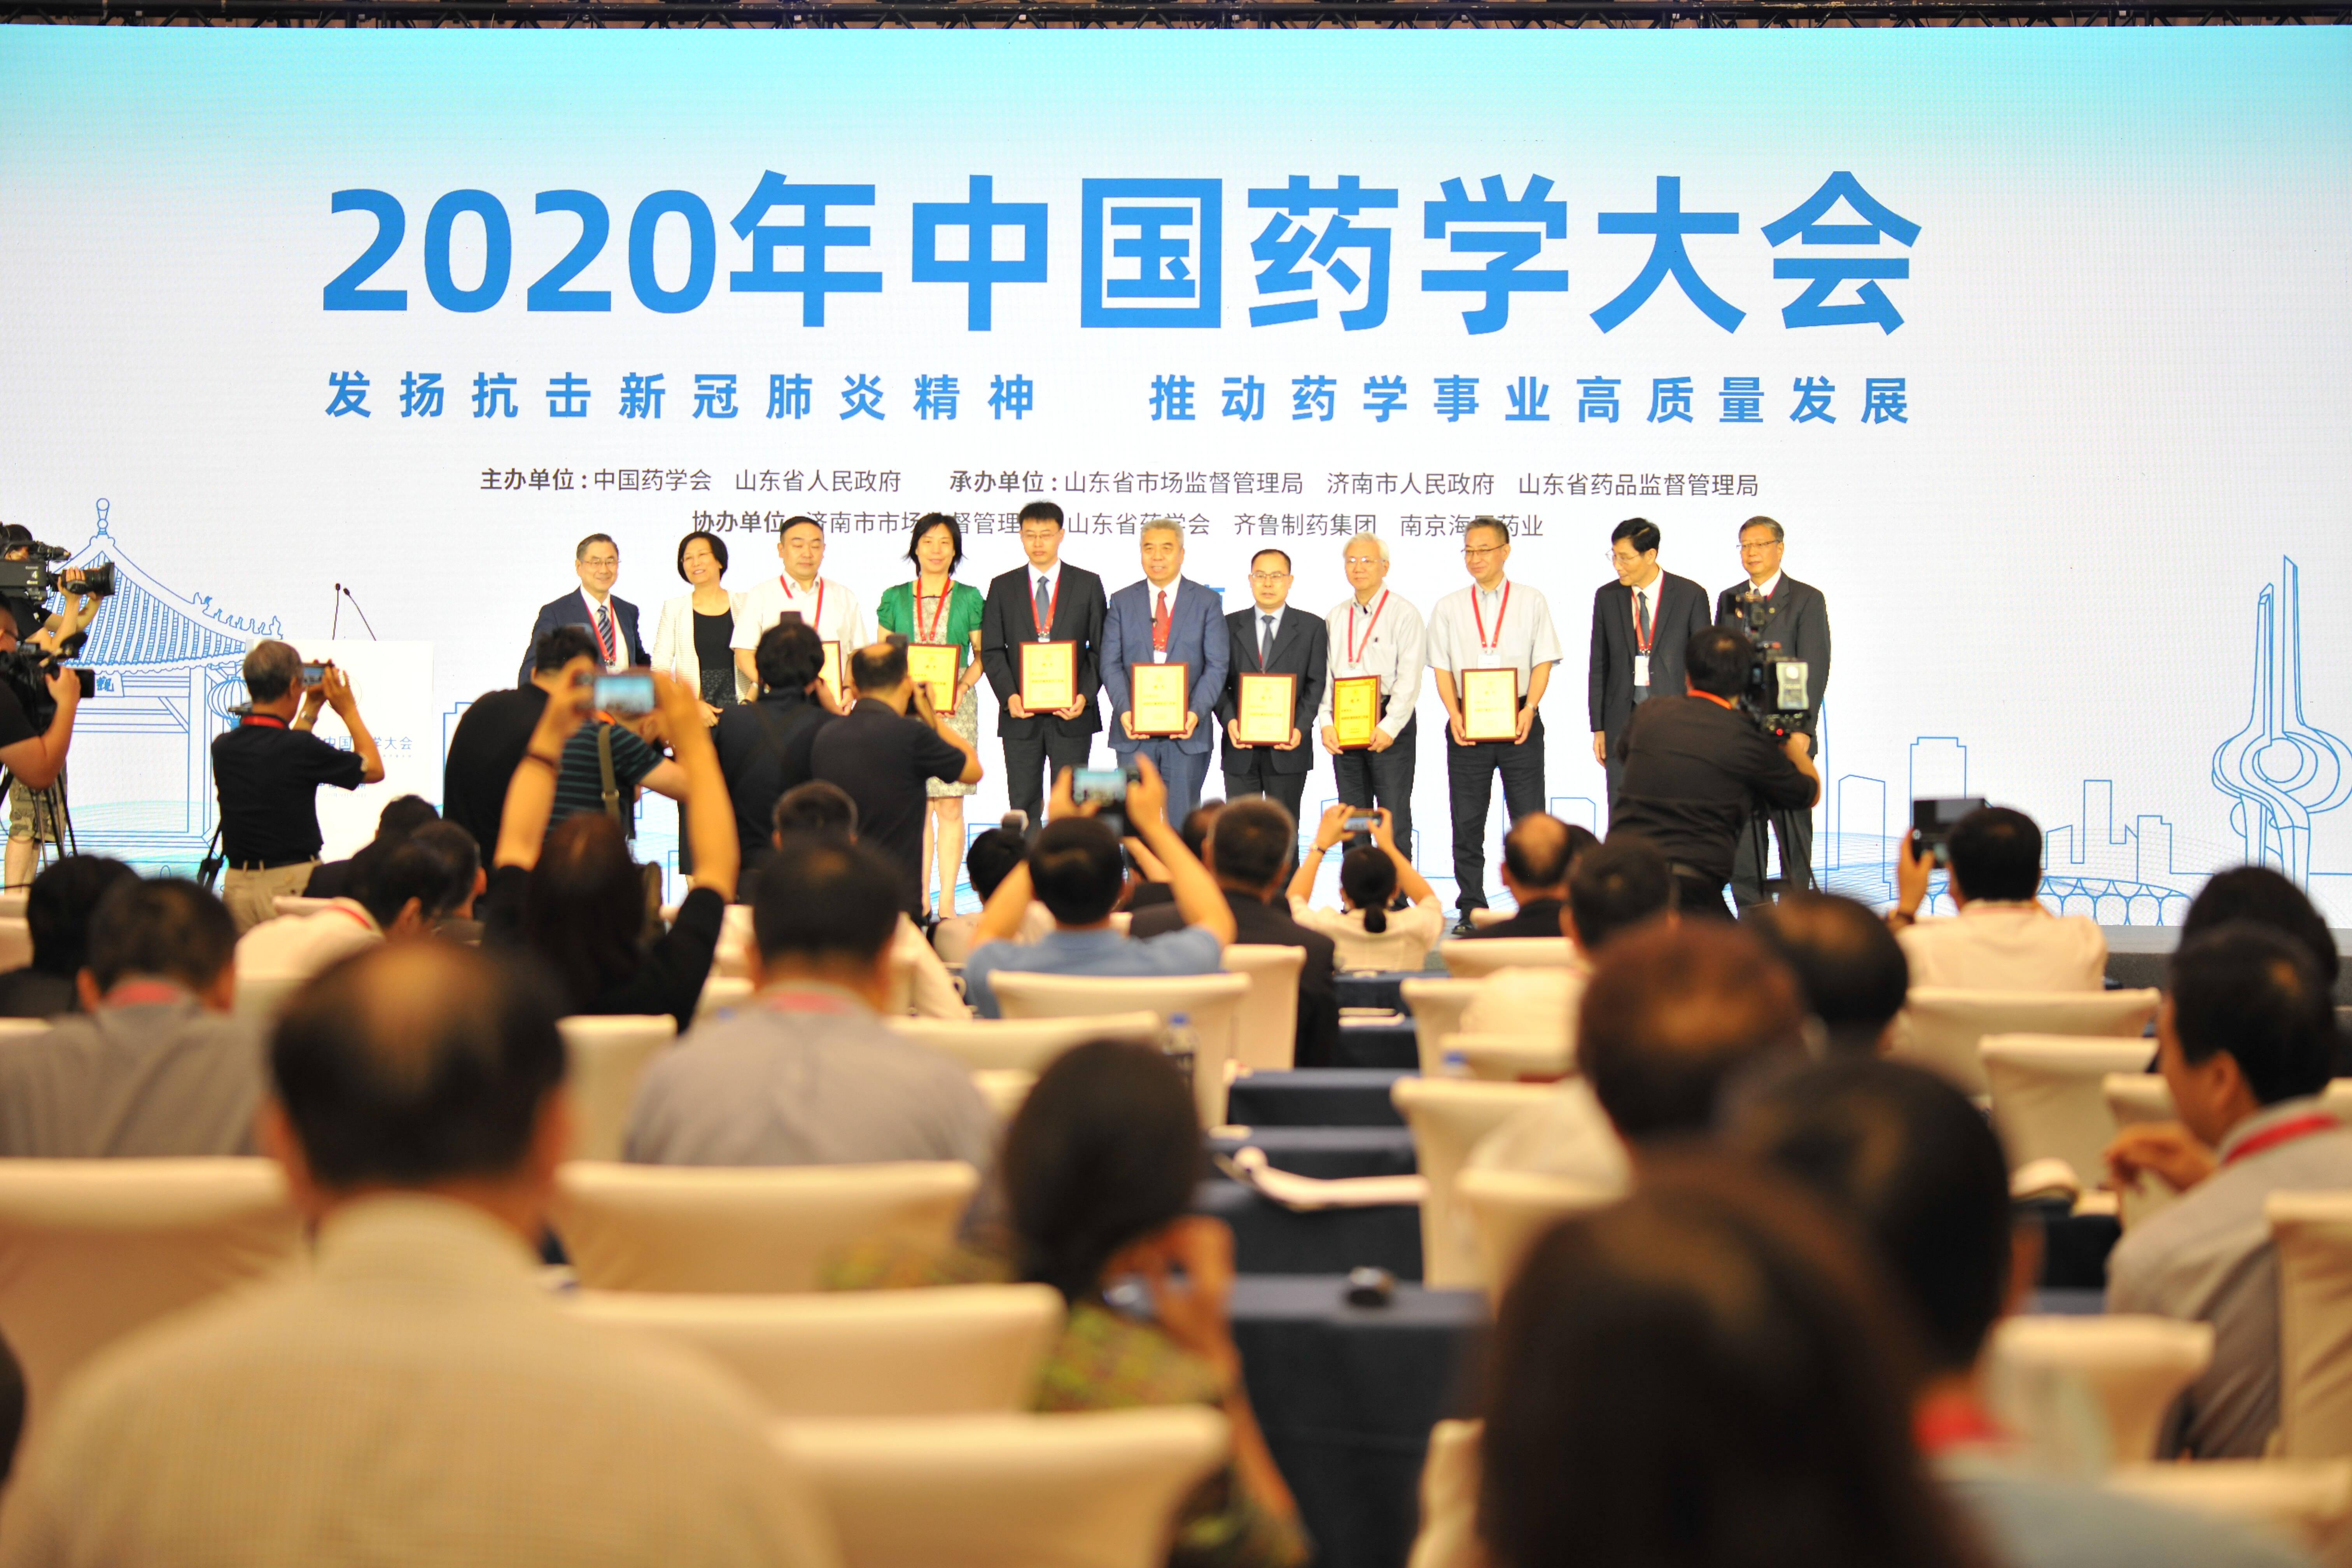 28秒|论药泉城!2020年中国药学大会在济南开幕